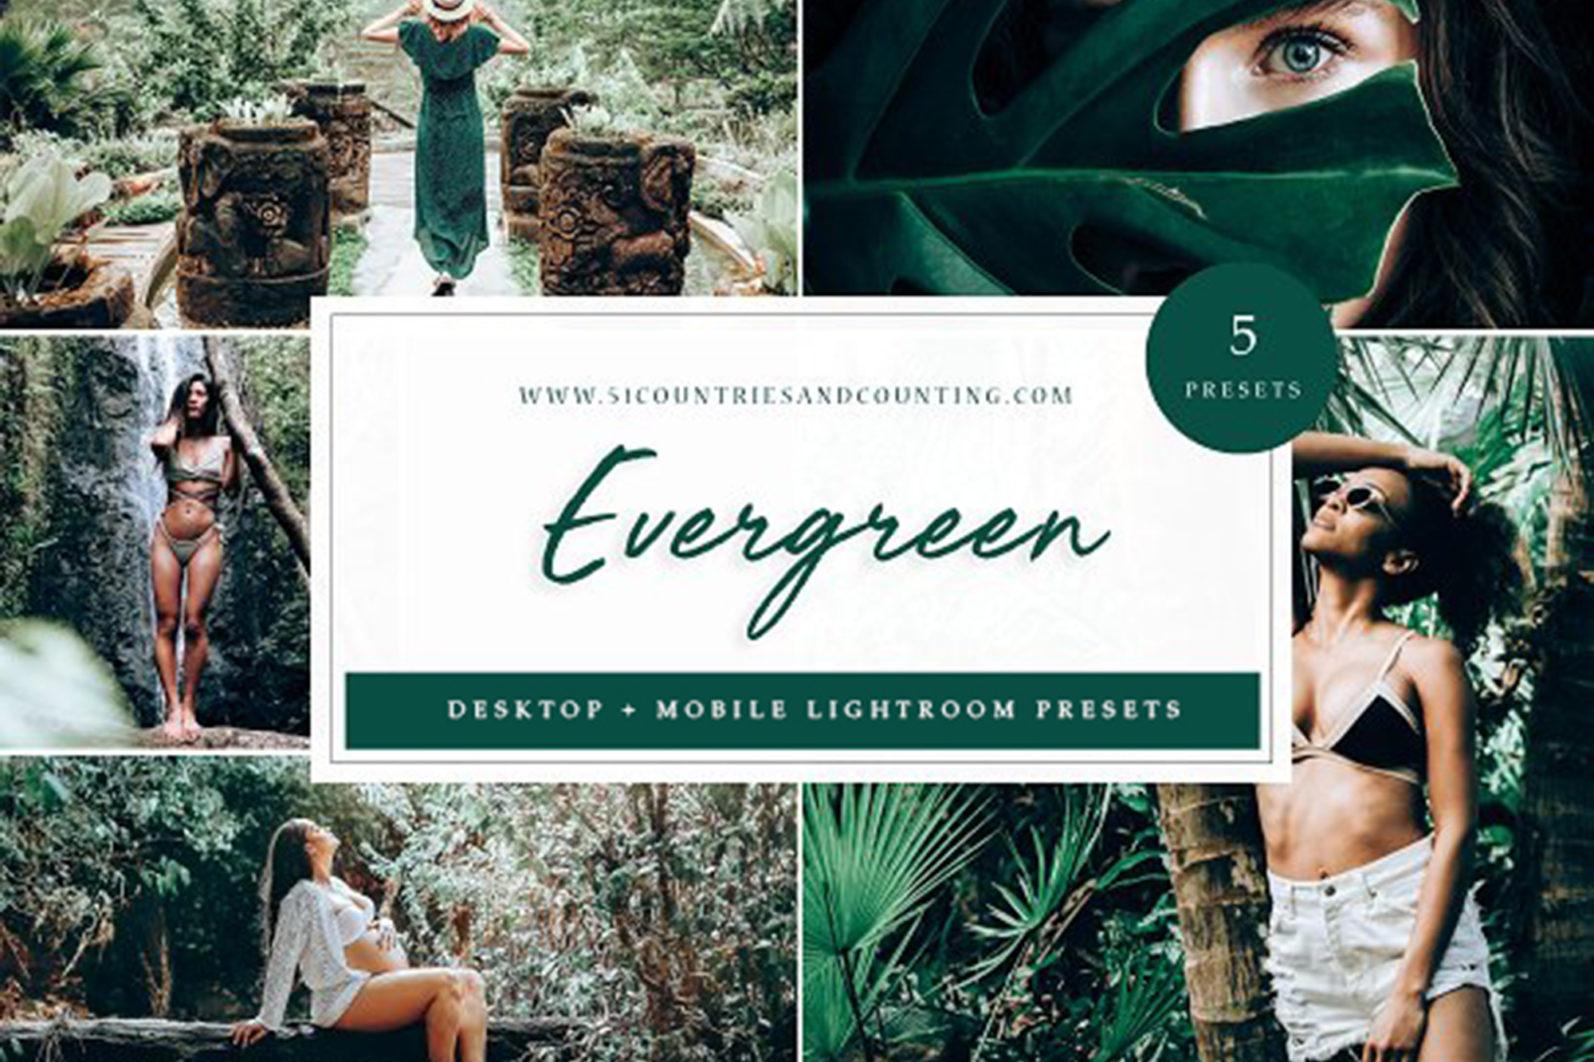 65 x Lightroom Presets (Mobile and Desktop Bundle) inspired by Spring - Evergreen Desktop -